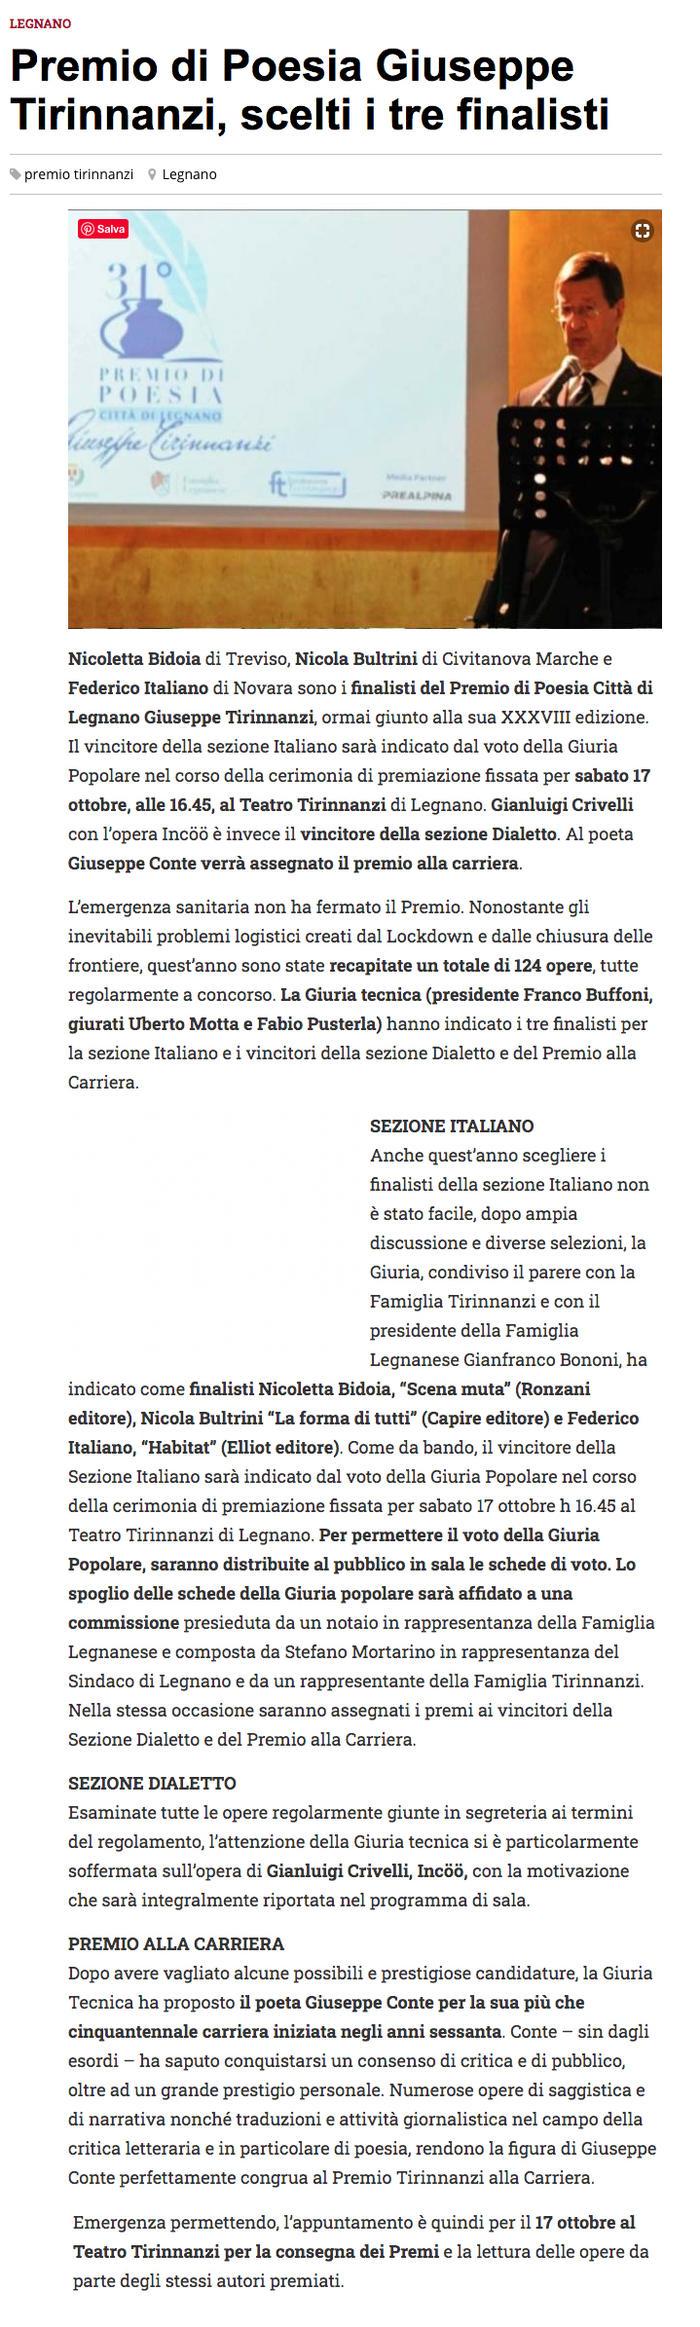 Premio di Poesia Giuseppe Tirinnanzi, scelti i 3 finalisti